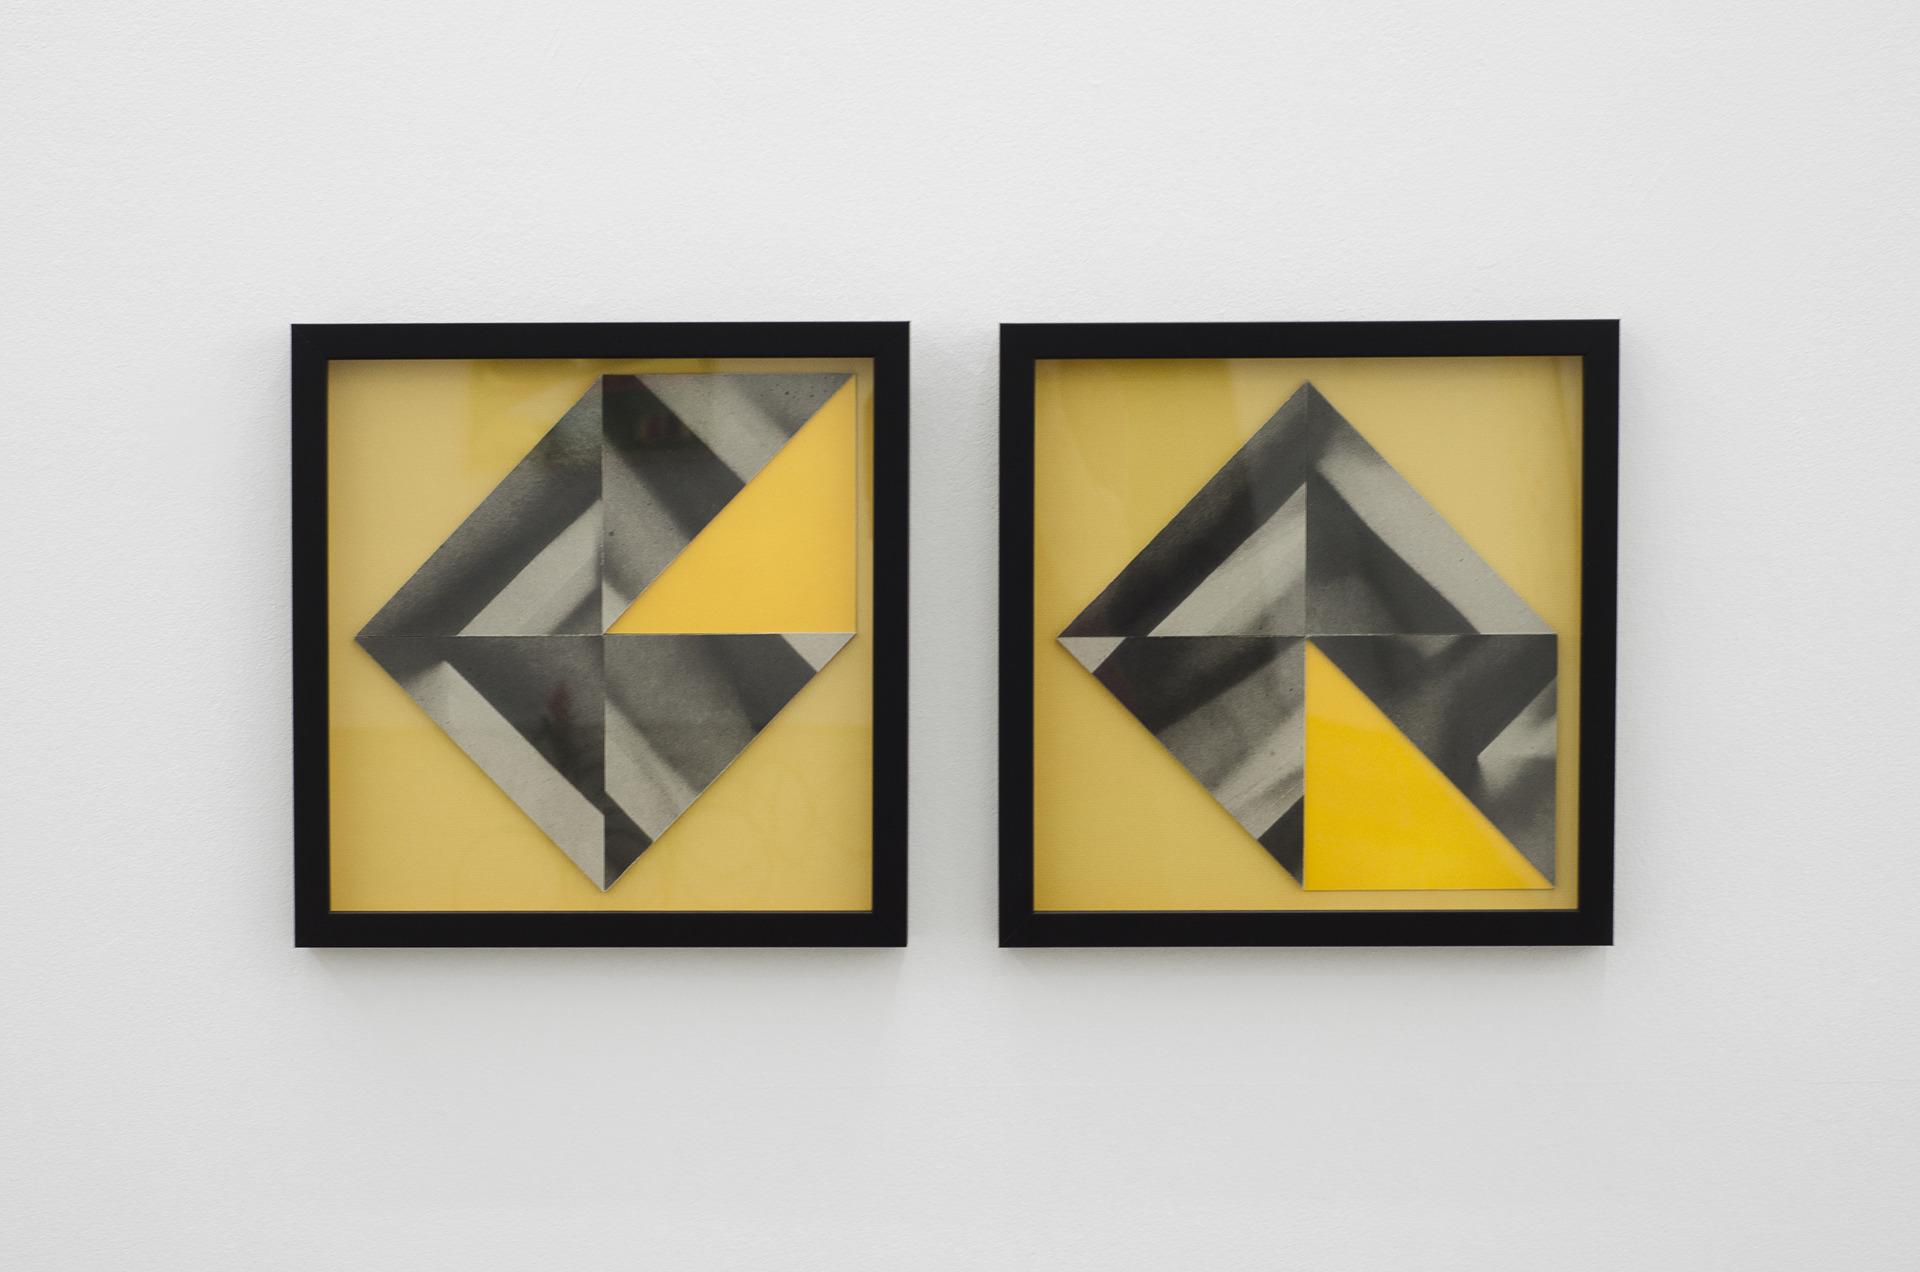 Arantxa Etcheverria, Yellow prism, 2015